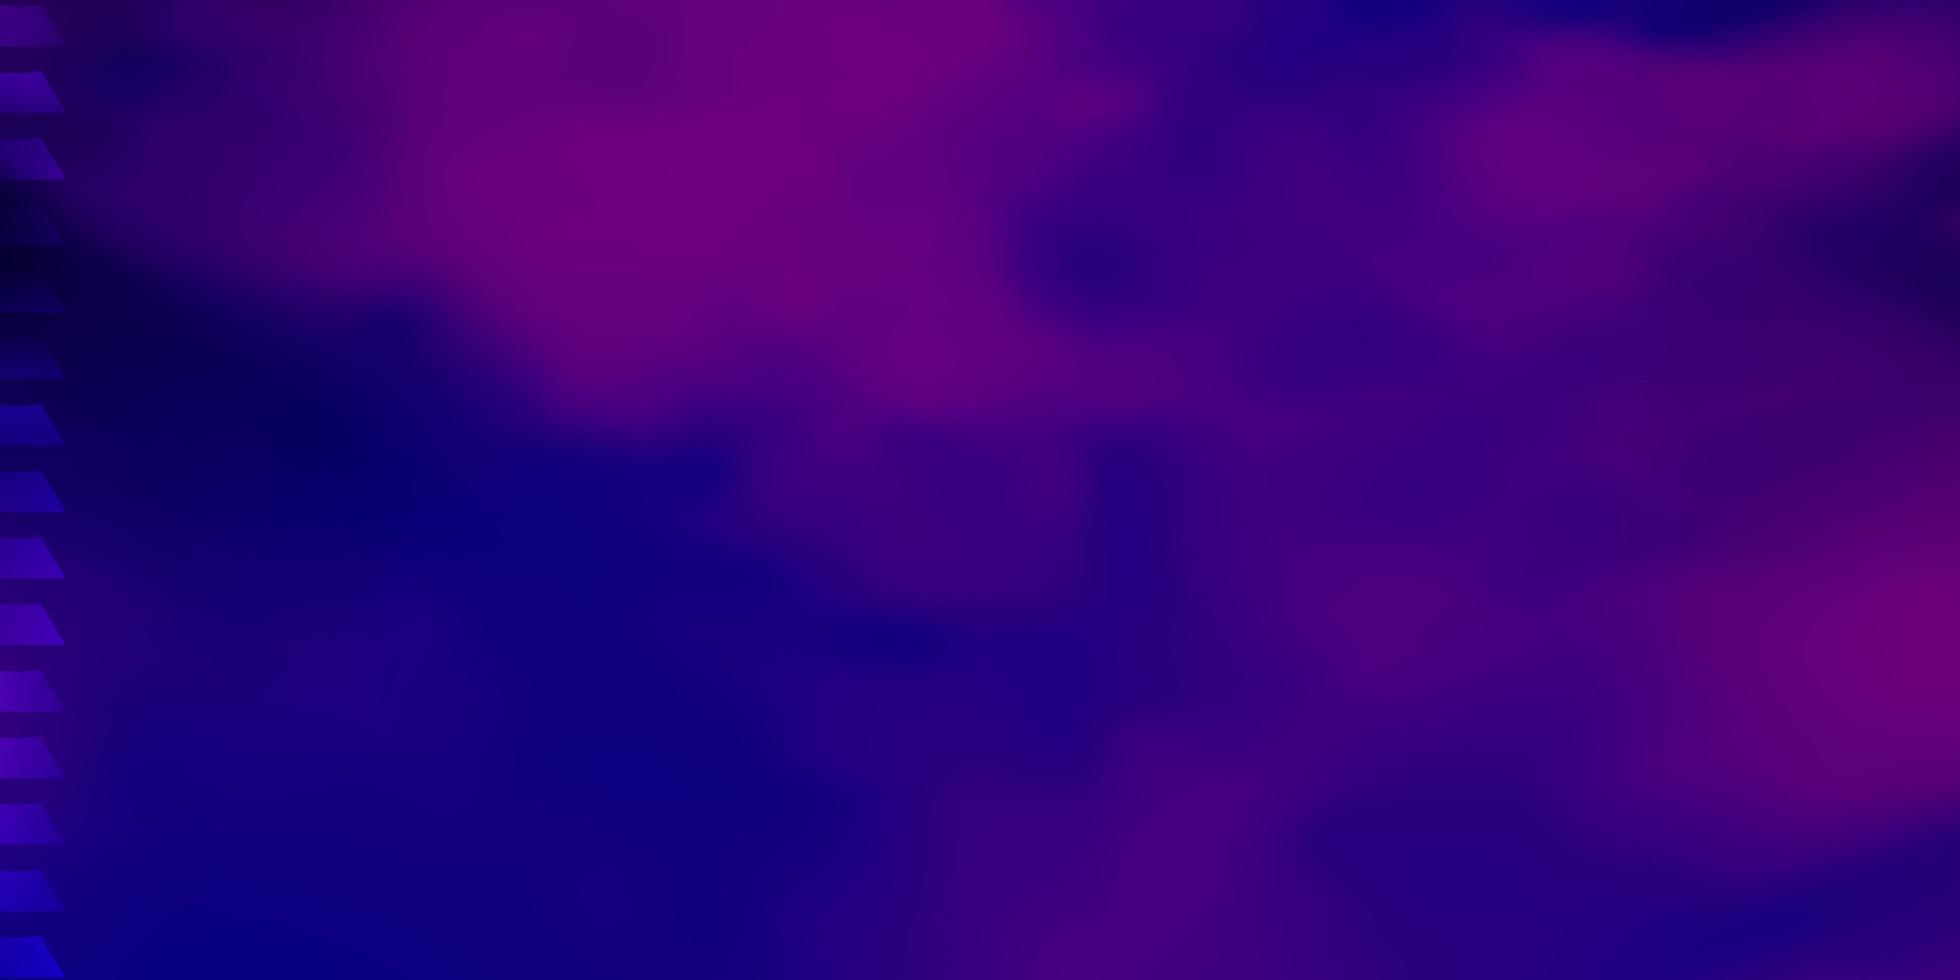 lichtpaarse, roze vector achtergrond met rechthoeken.